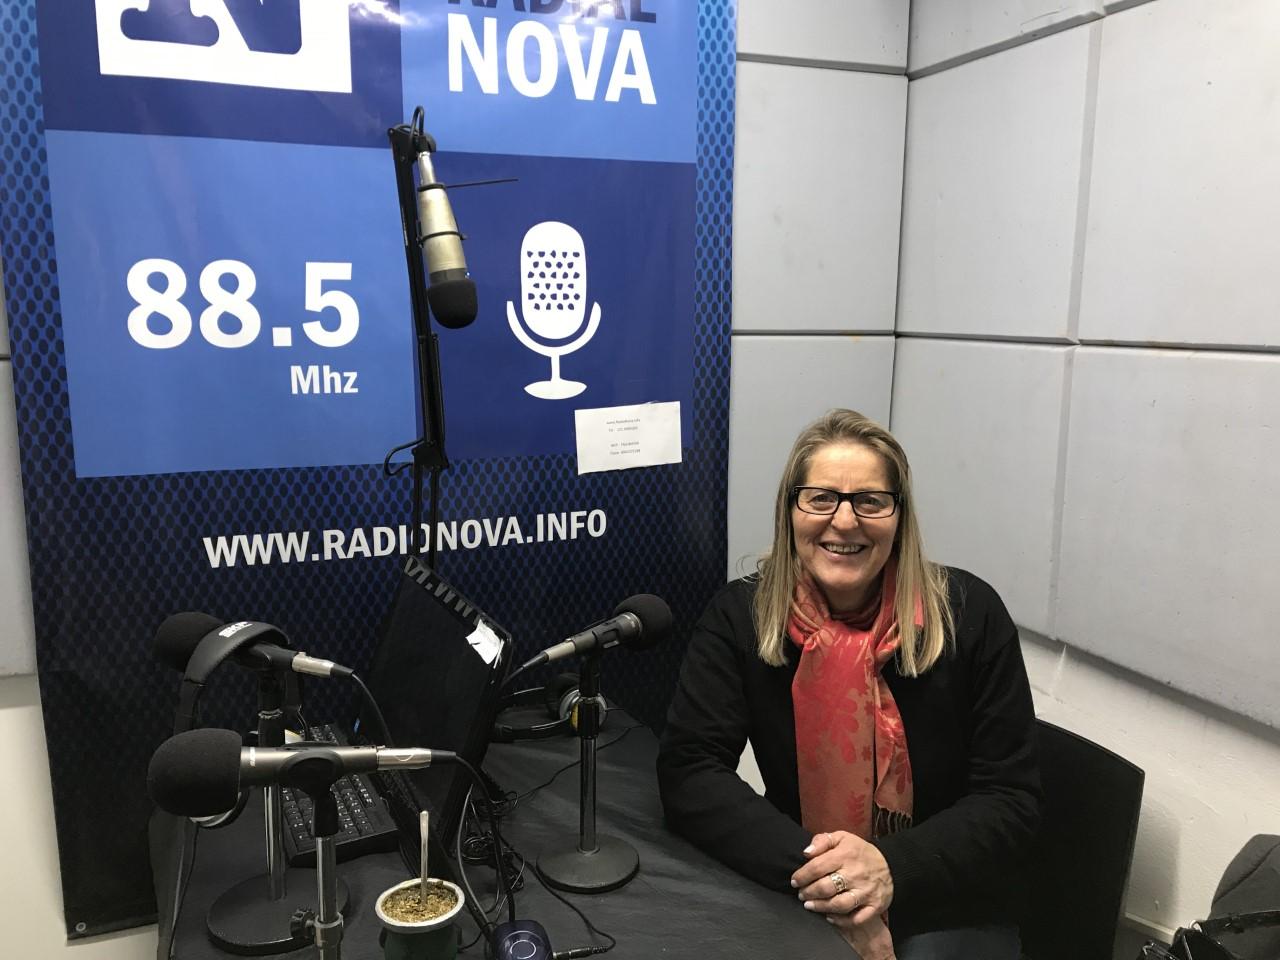 La presidente del Consejo Escolar, Elizabeth Franchi, se refirió en el aire de Cadena Radial NOVA a distintas cuestiones que atañen a la actualidad de su área y a la coyuntura política.